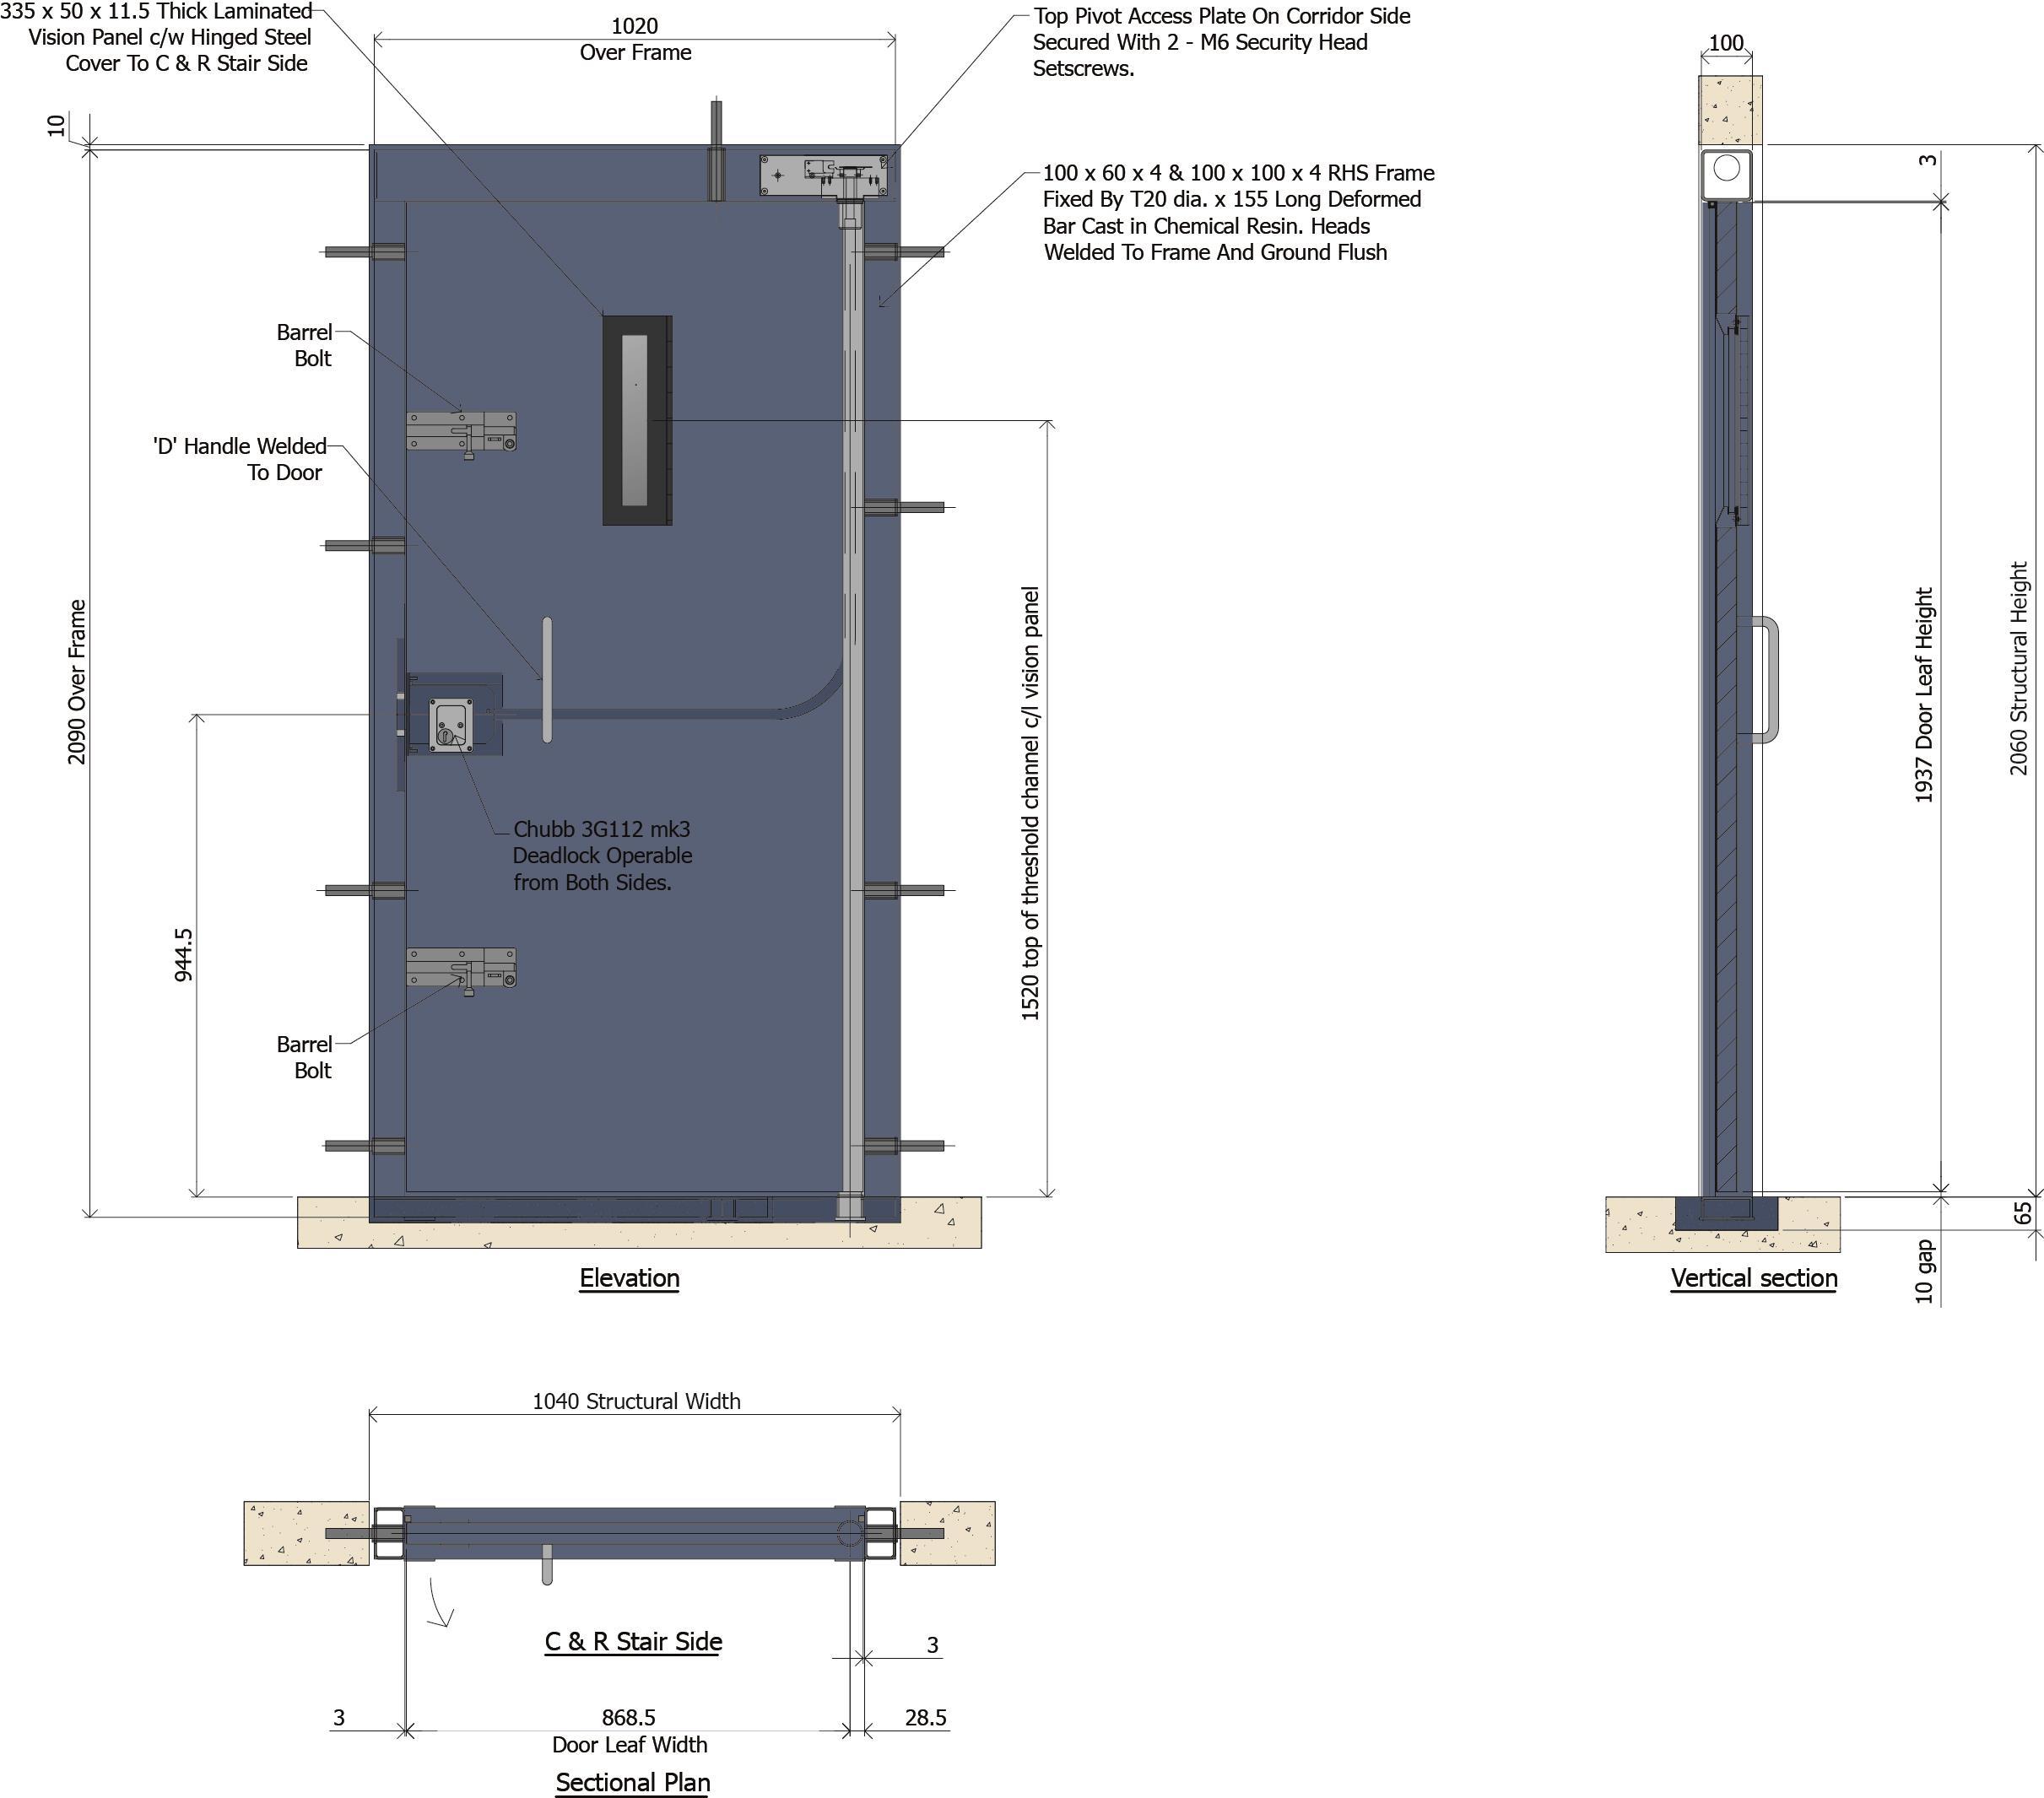 9D023 - Prison Control & Restraint (C&R) Door